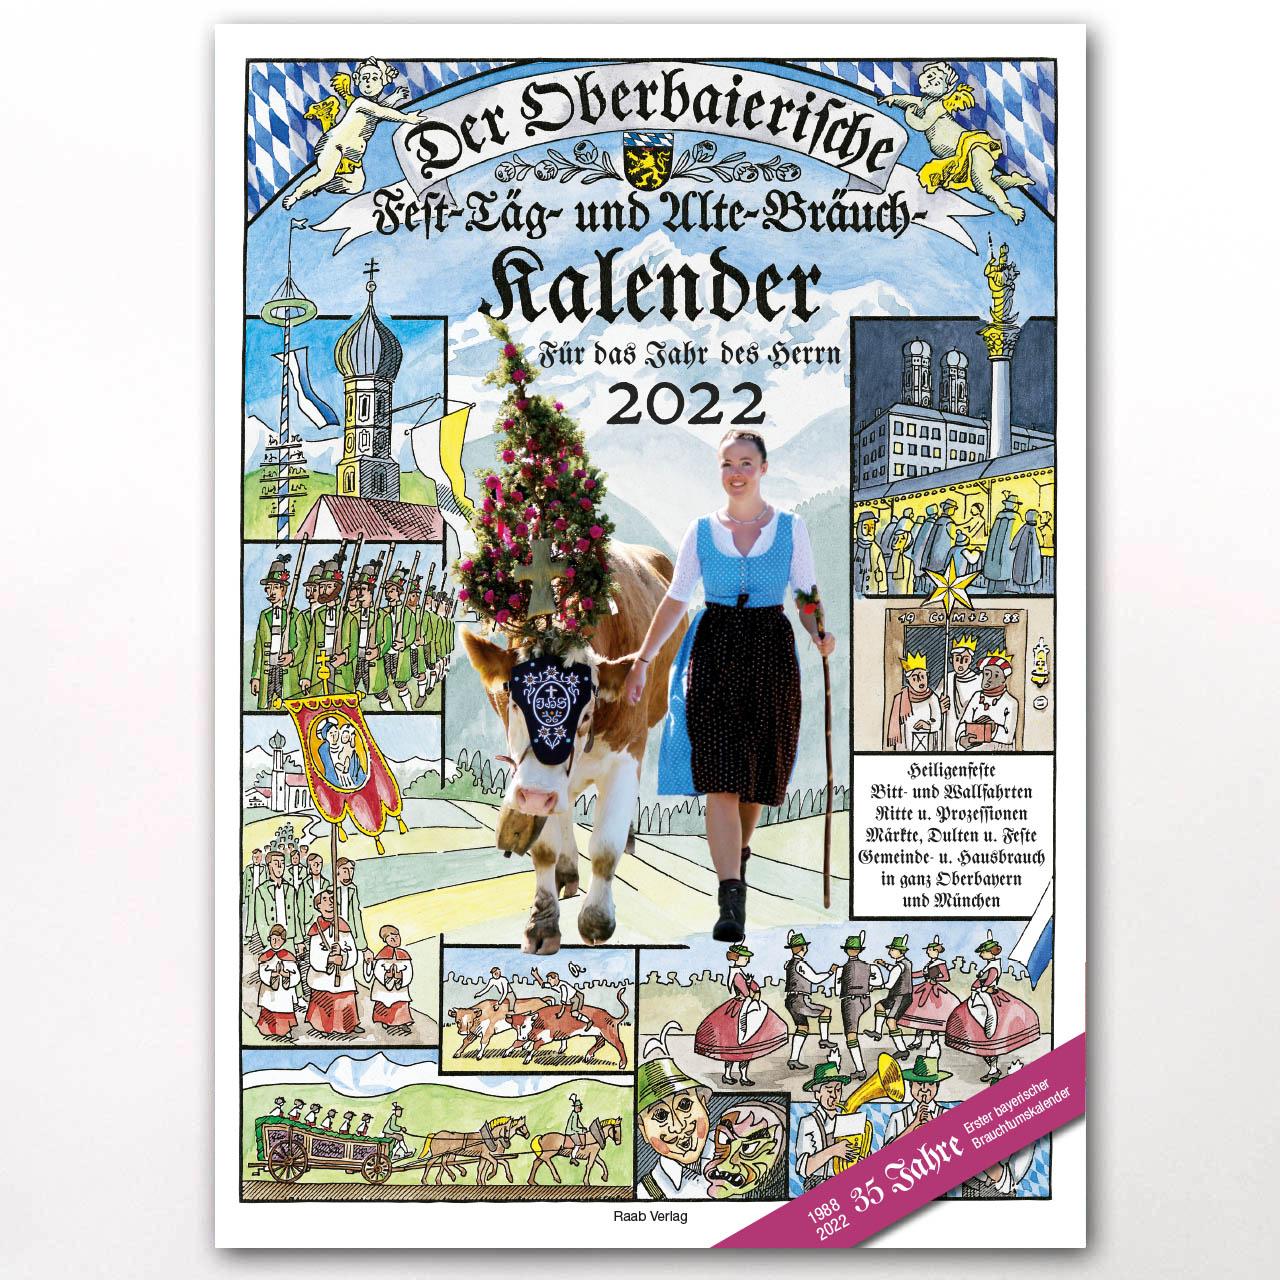 Der Titel des Oberbaierischen Kalenders 2022